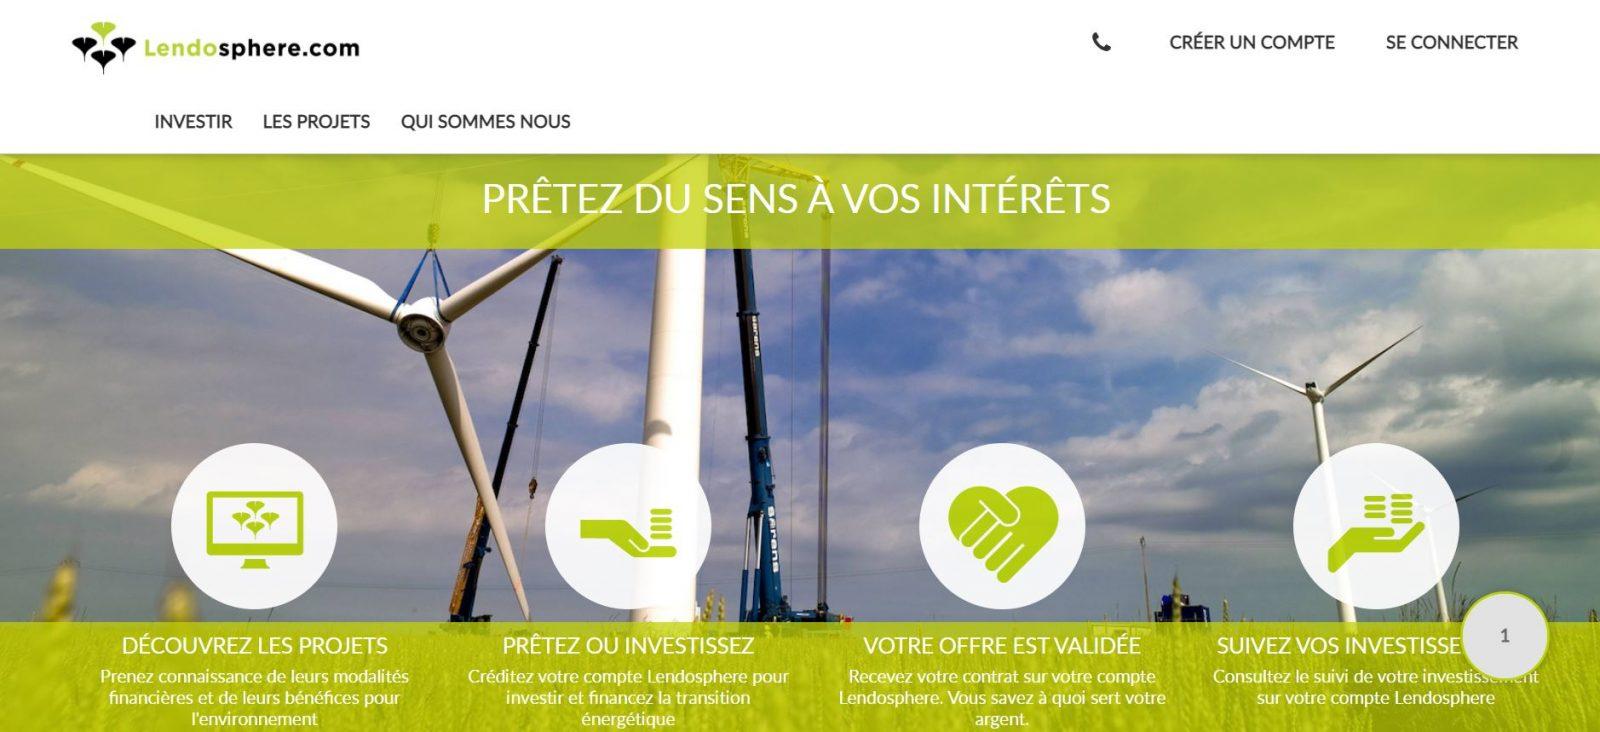 Lendosphère la plateforme de financement participatif qui vous fait investir dans les énergies renouvelables